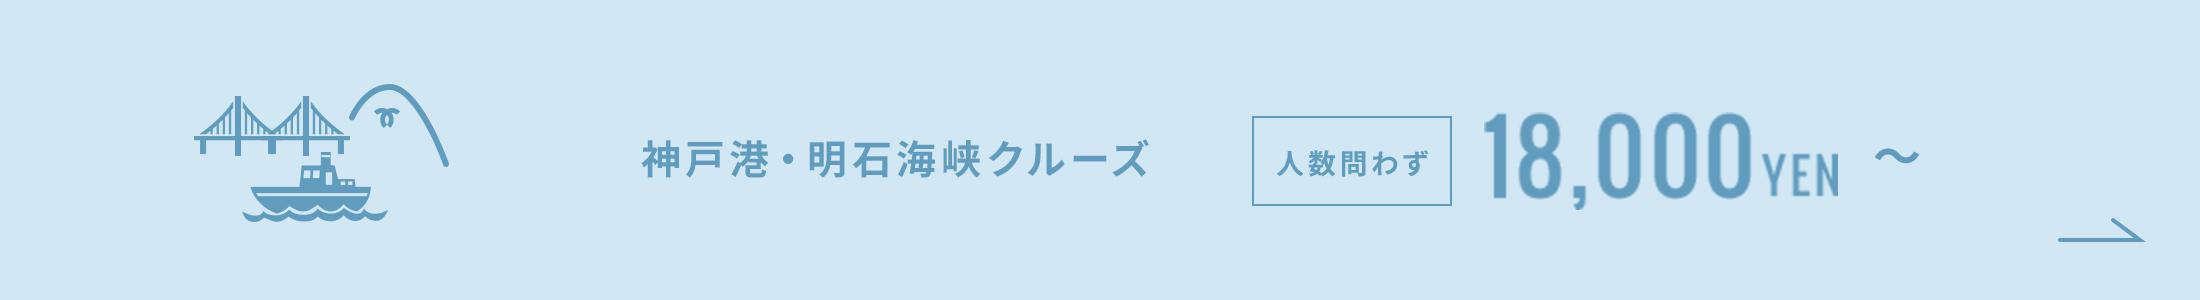 神戸港・明石海峡クルーズ